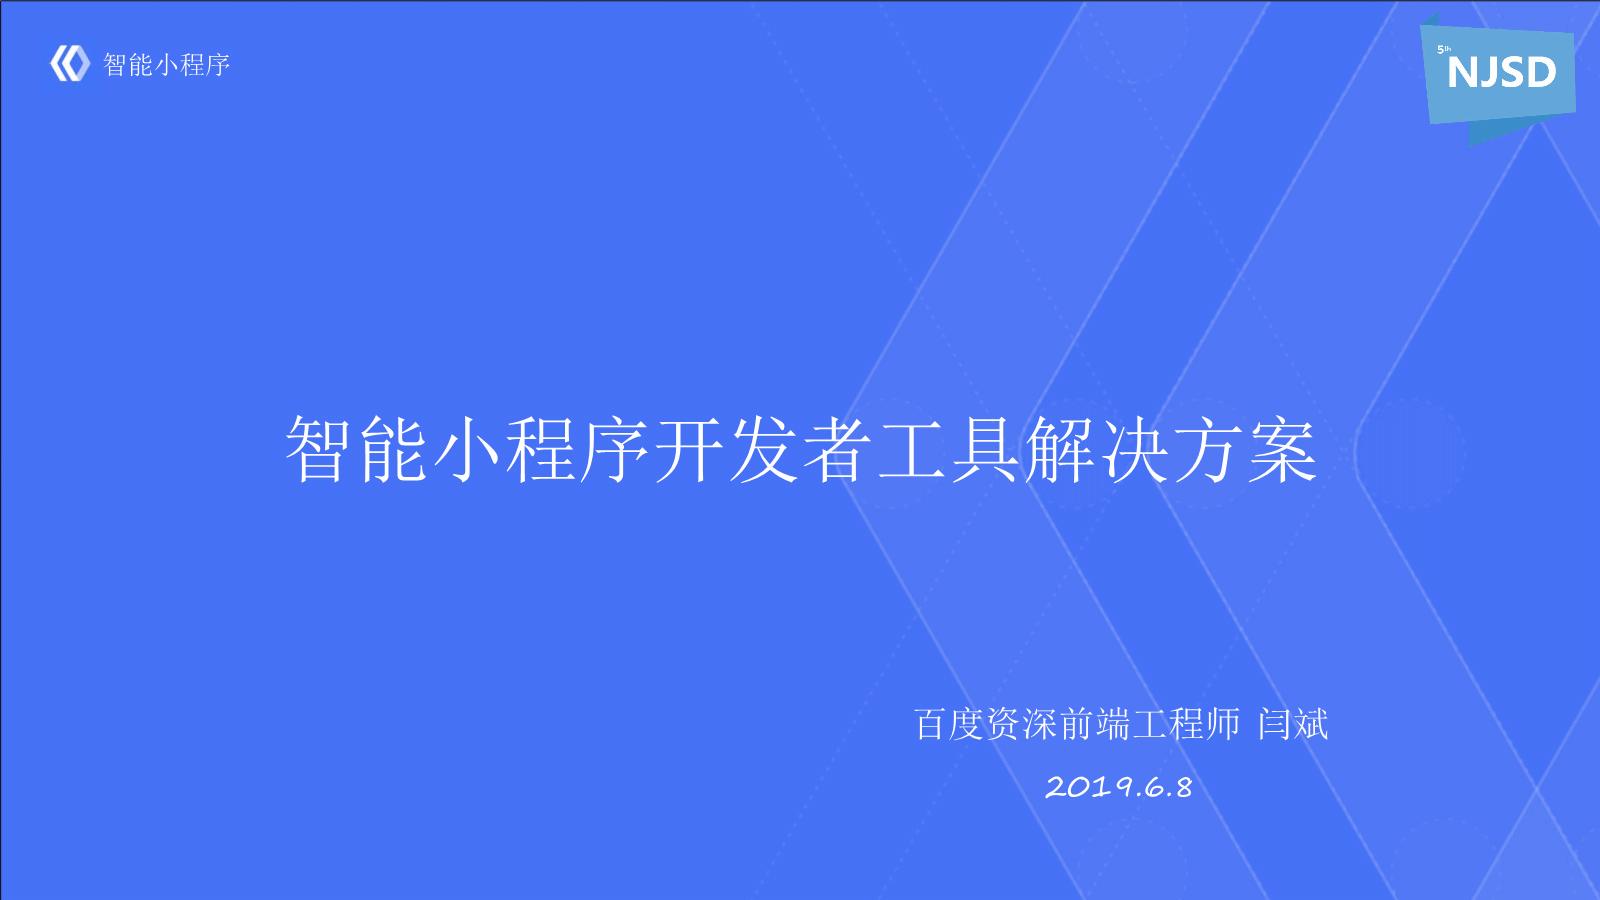 -智能小程序开发者工具解决方案